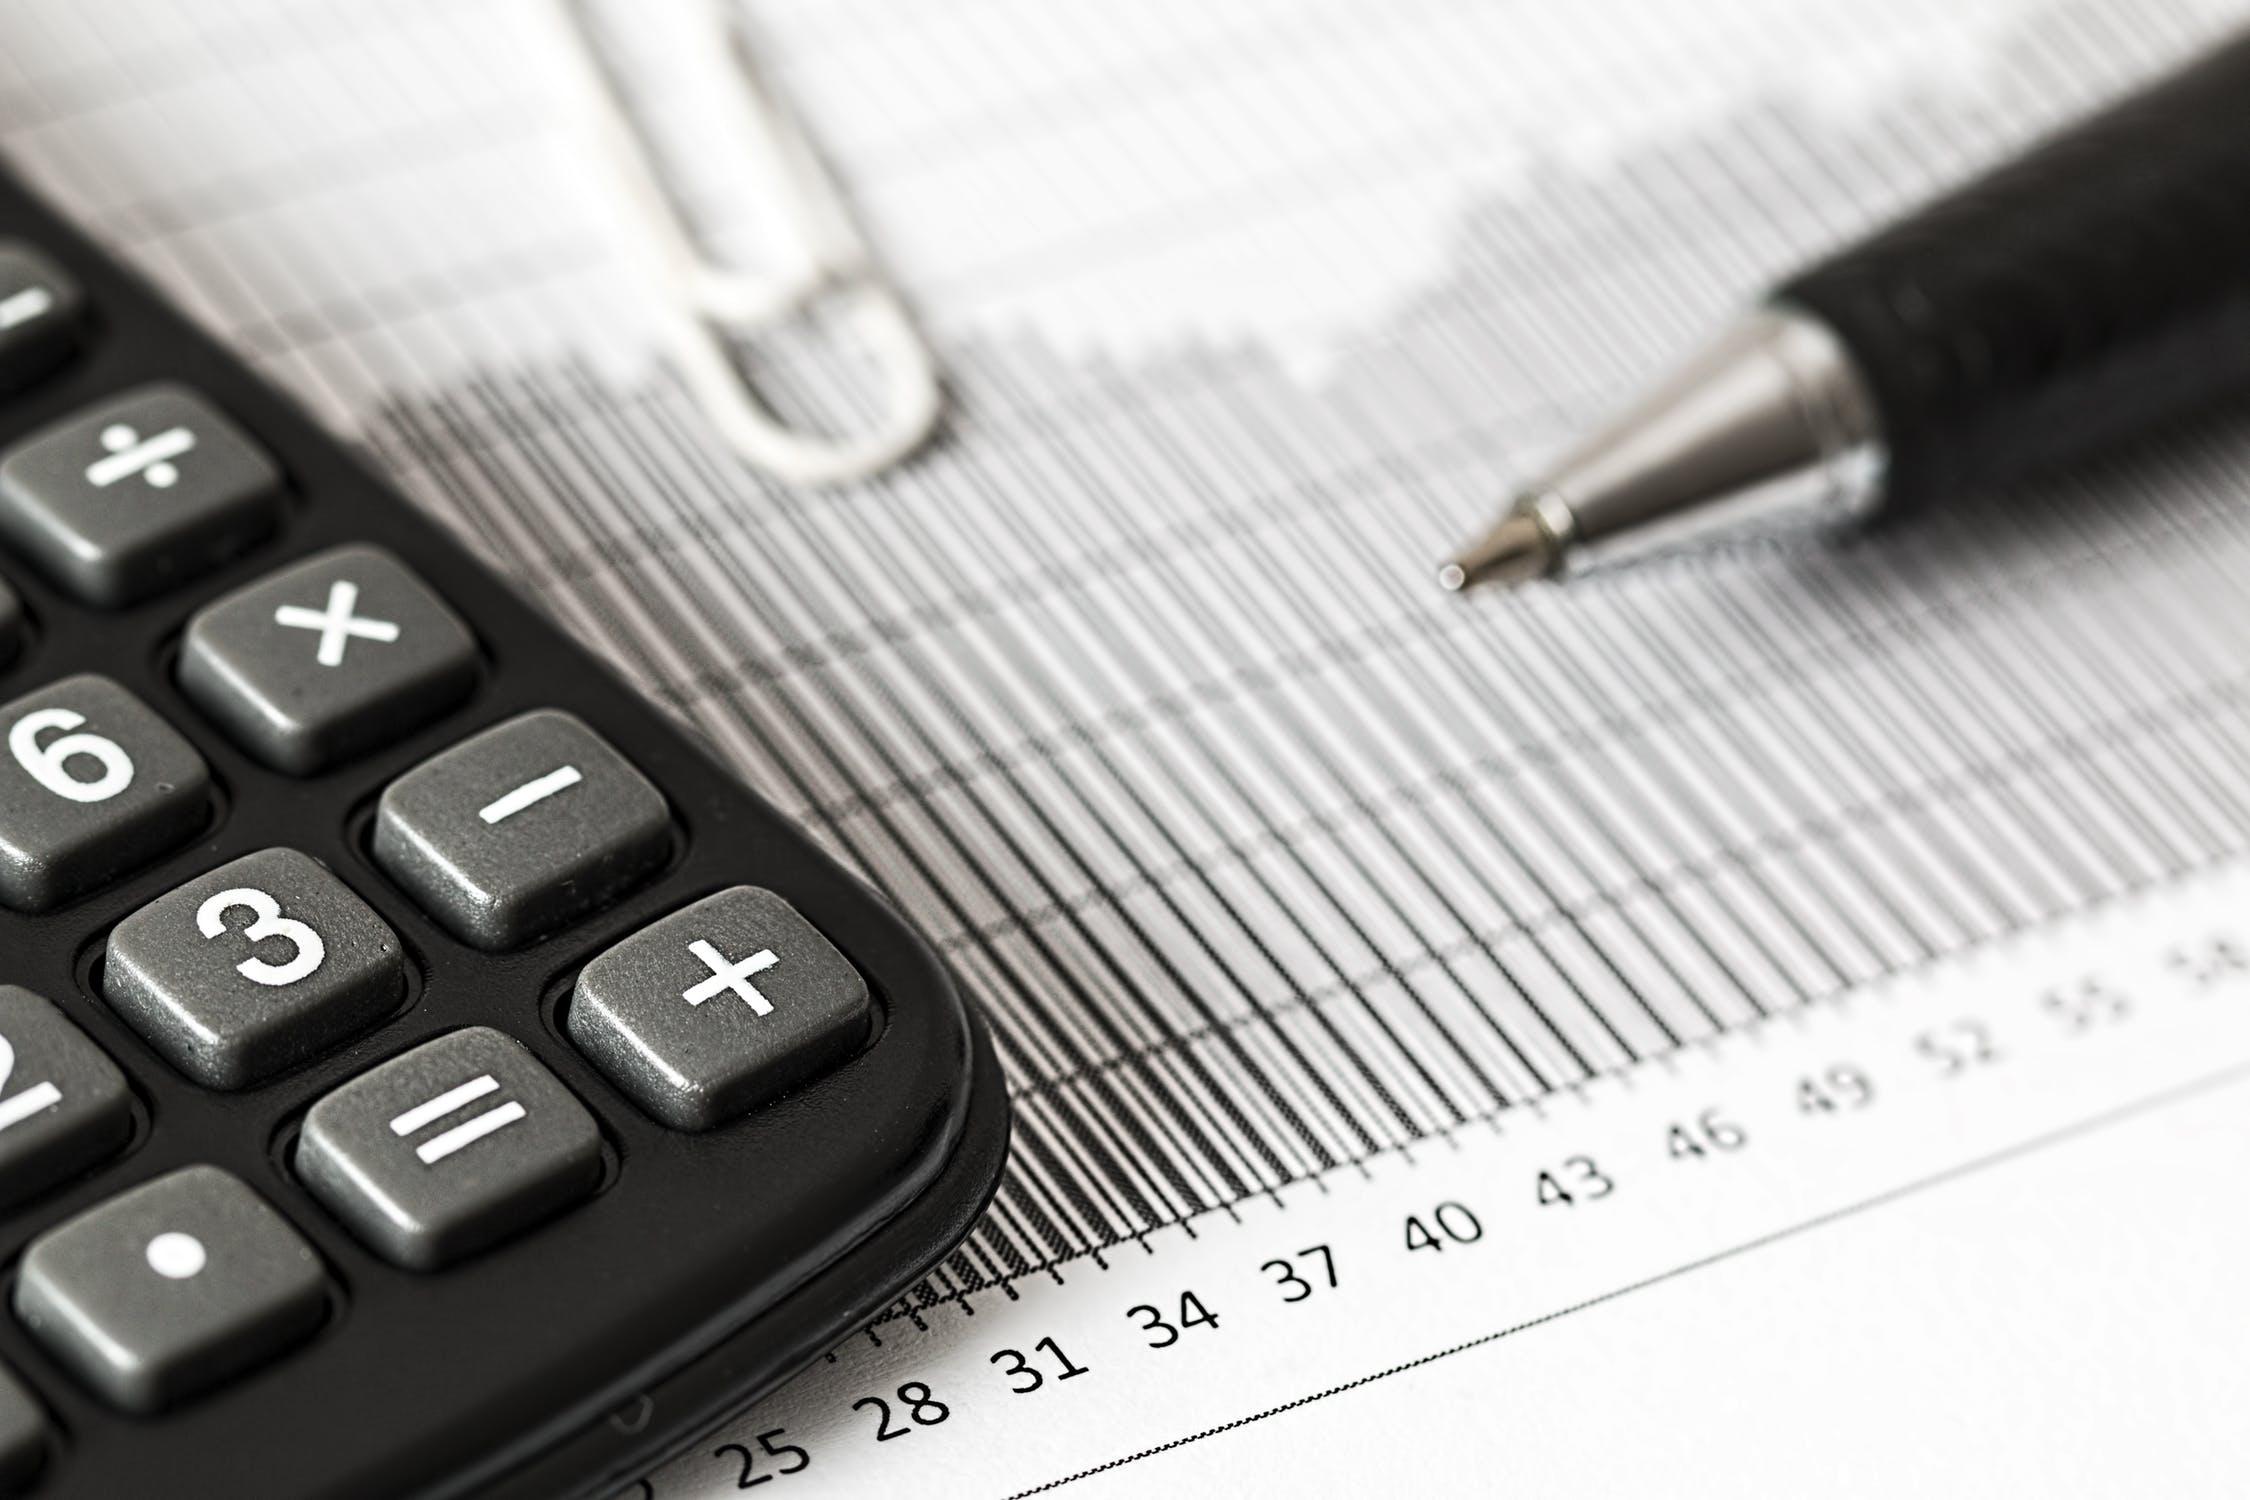 车船税计入什么科目 车辆保险费计入什么会计科目